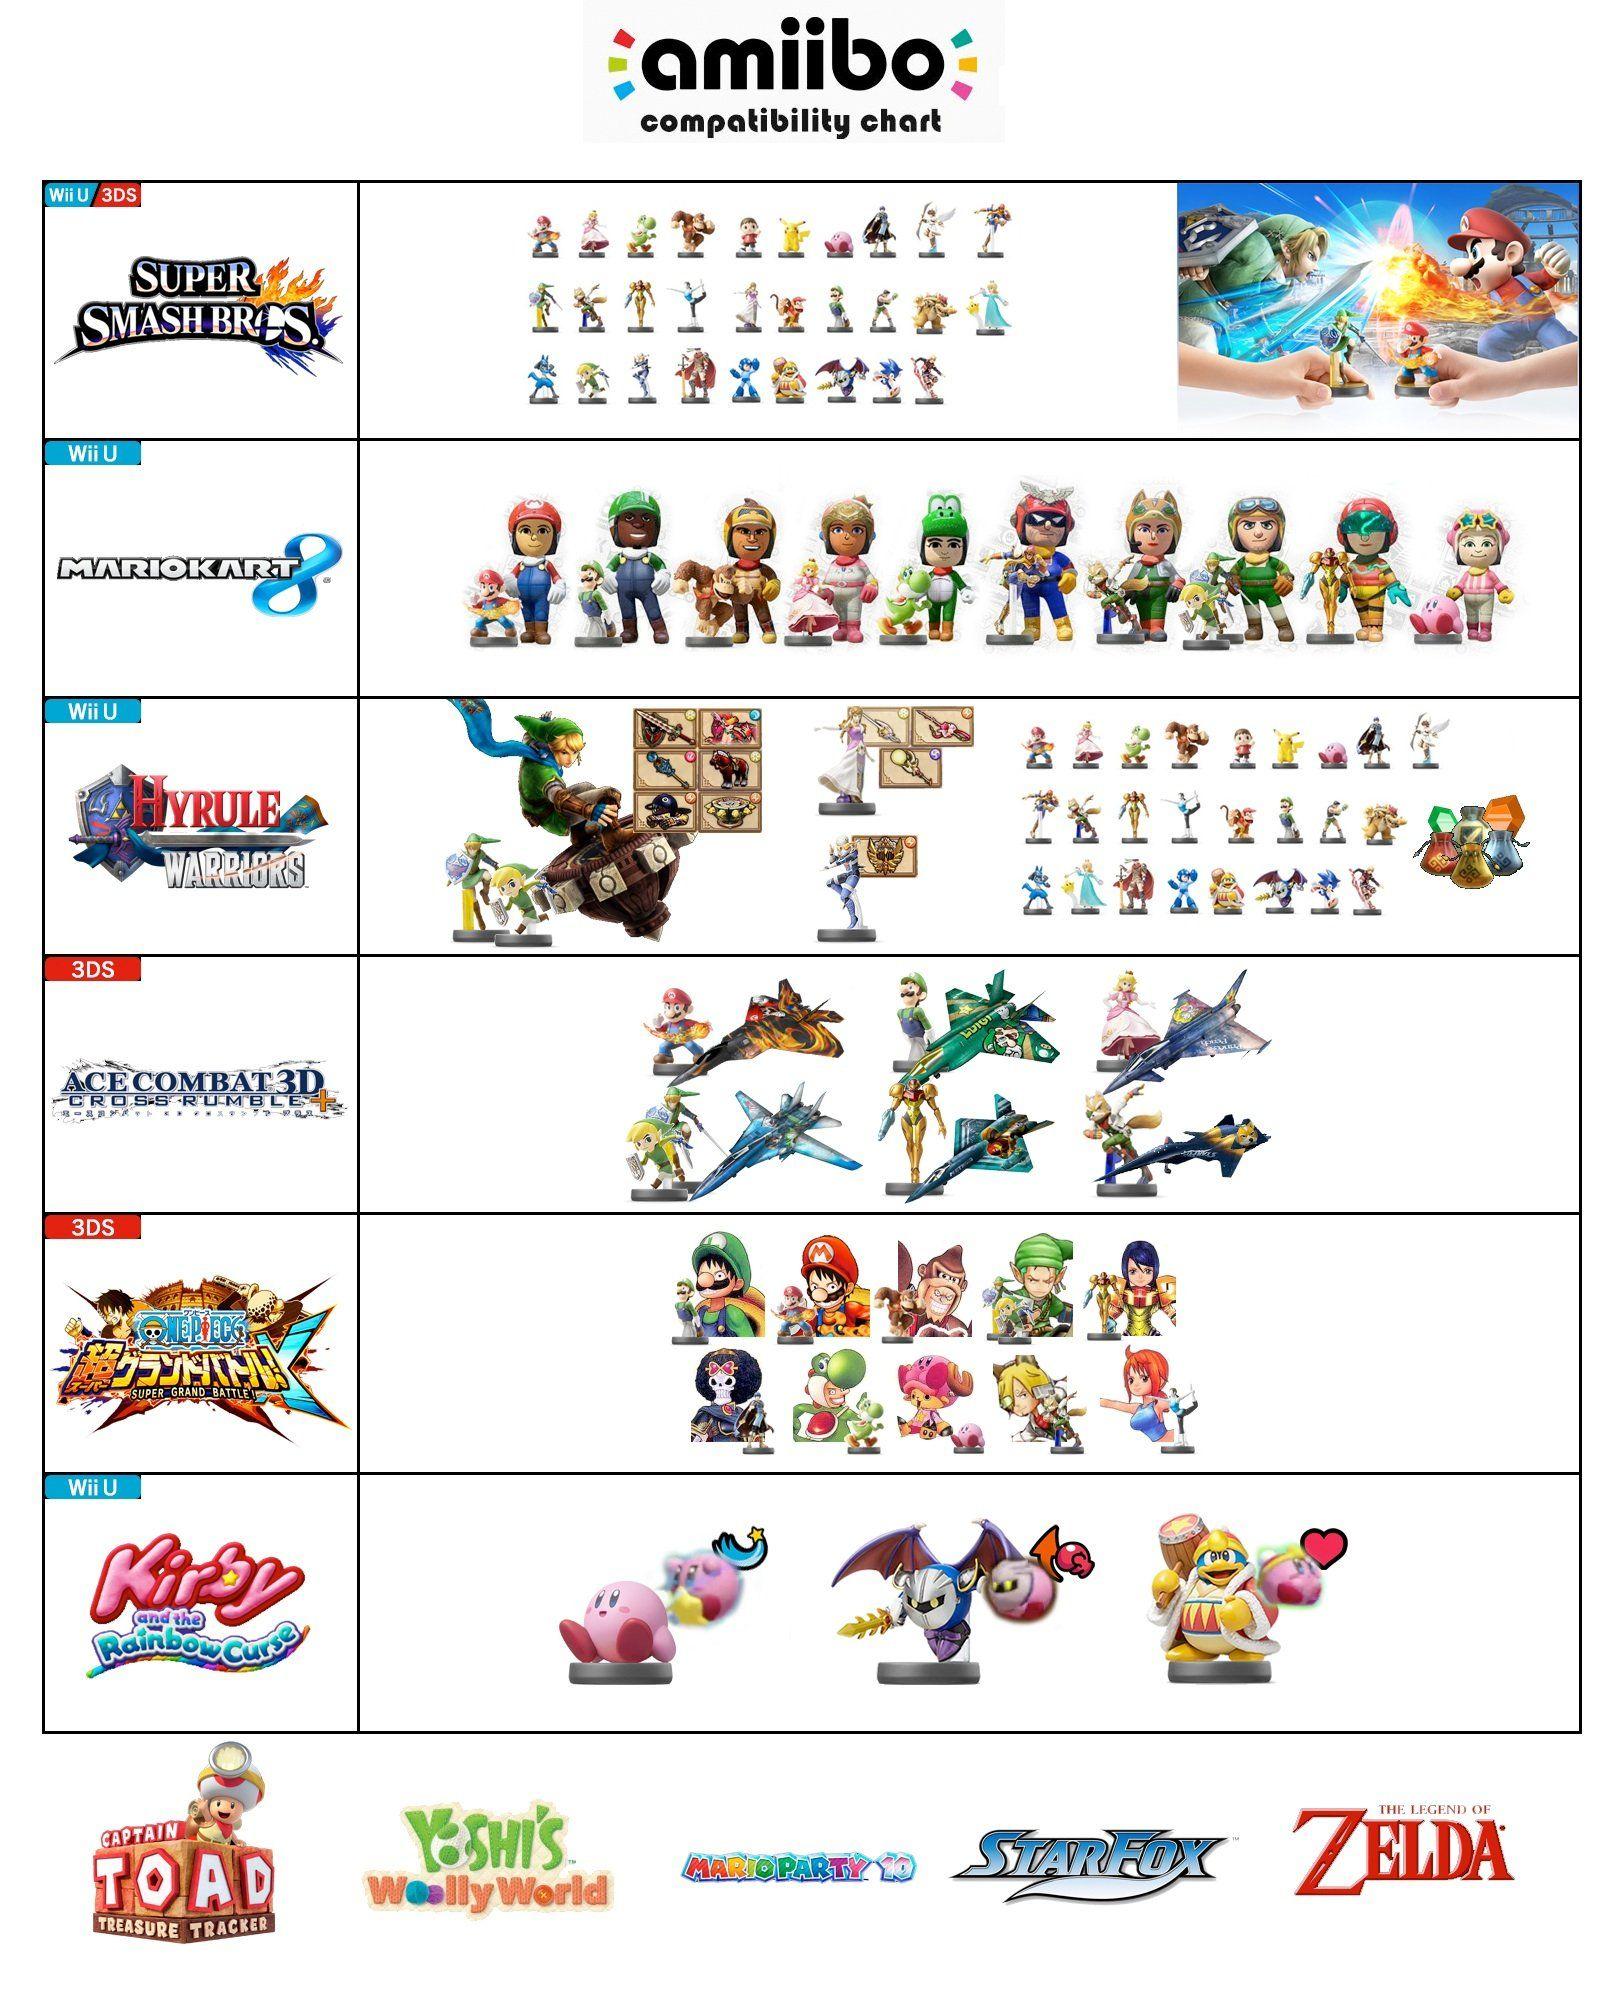 Amiibo Compatibility Amiibo Nerd Culture Compatibility Chart